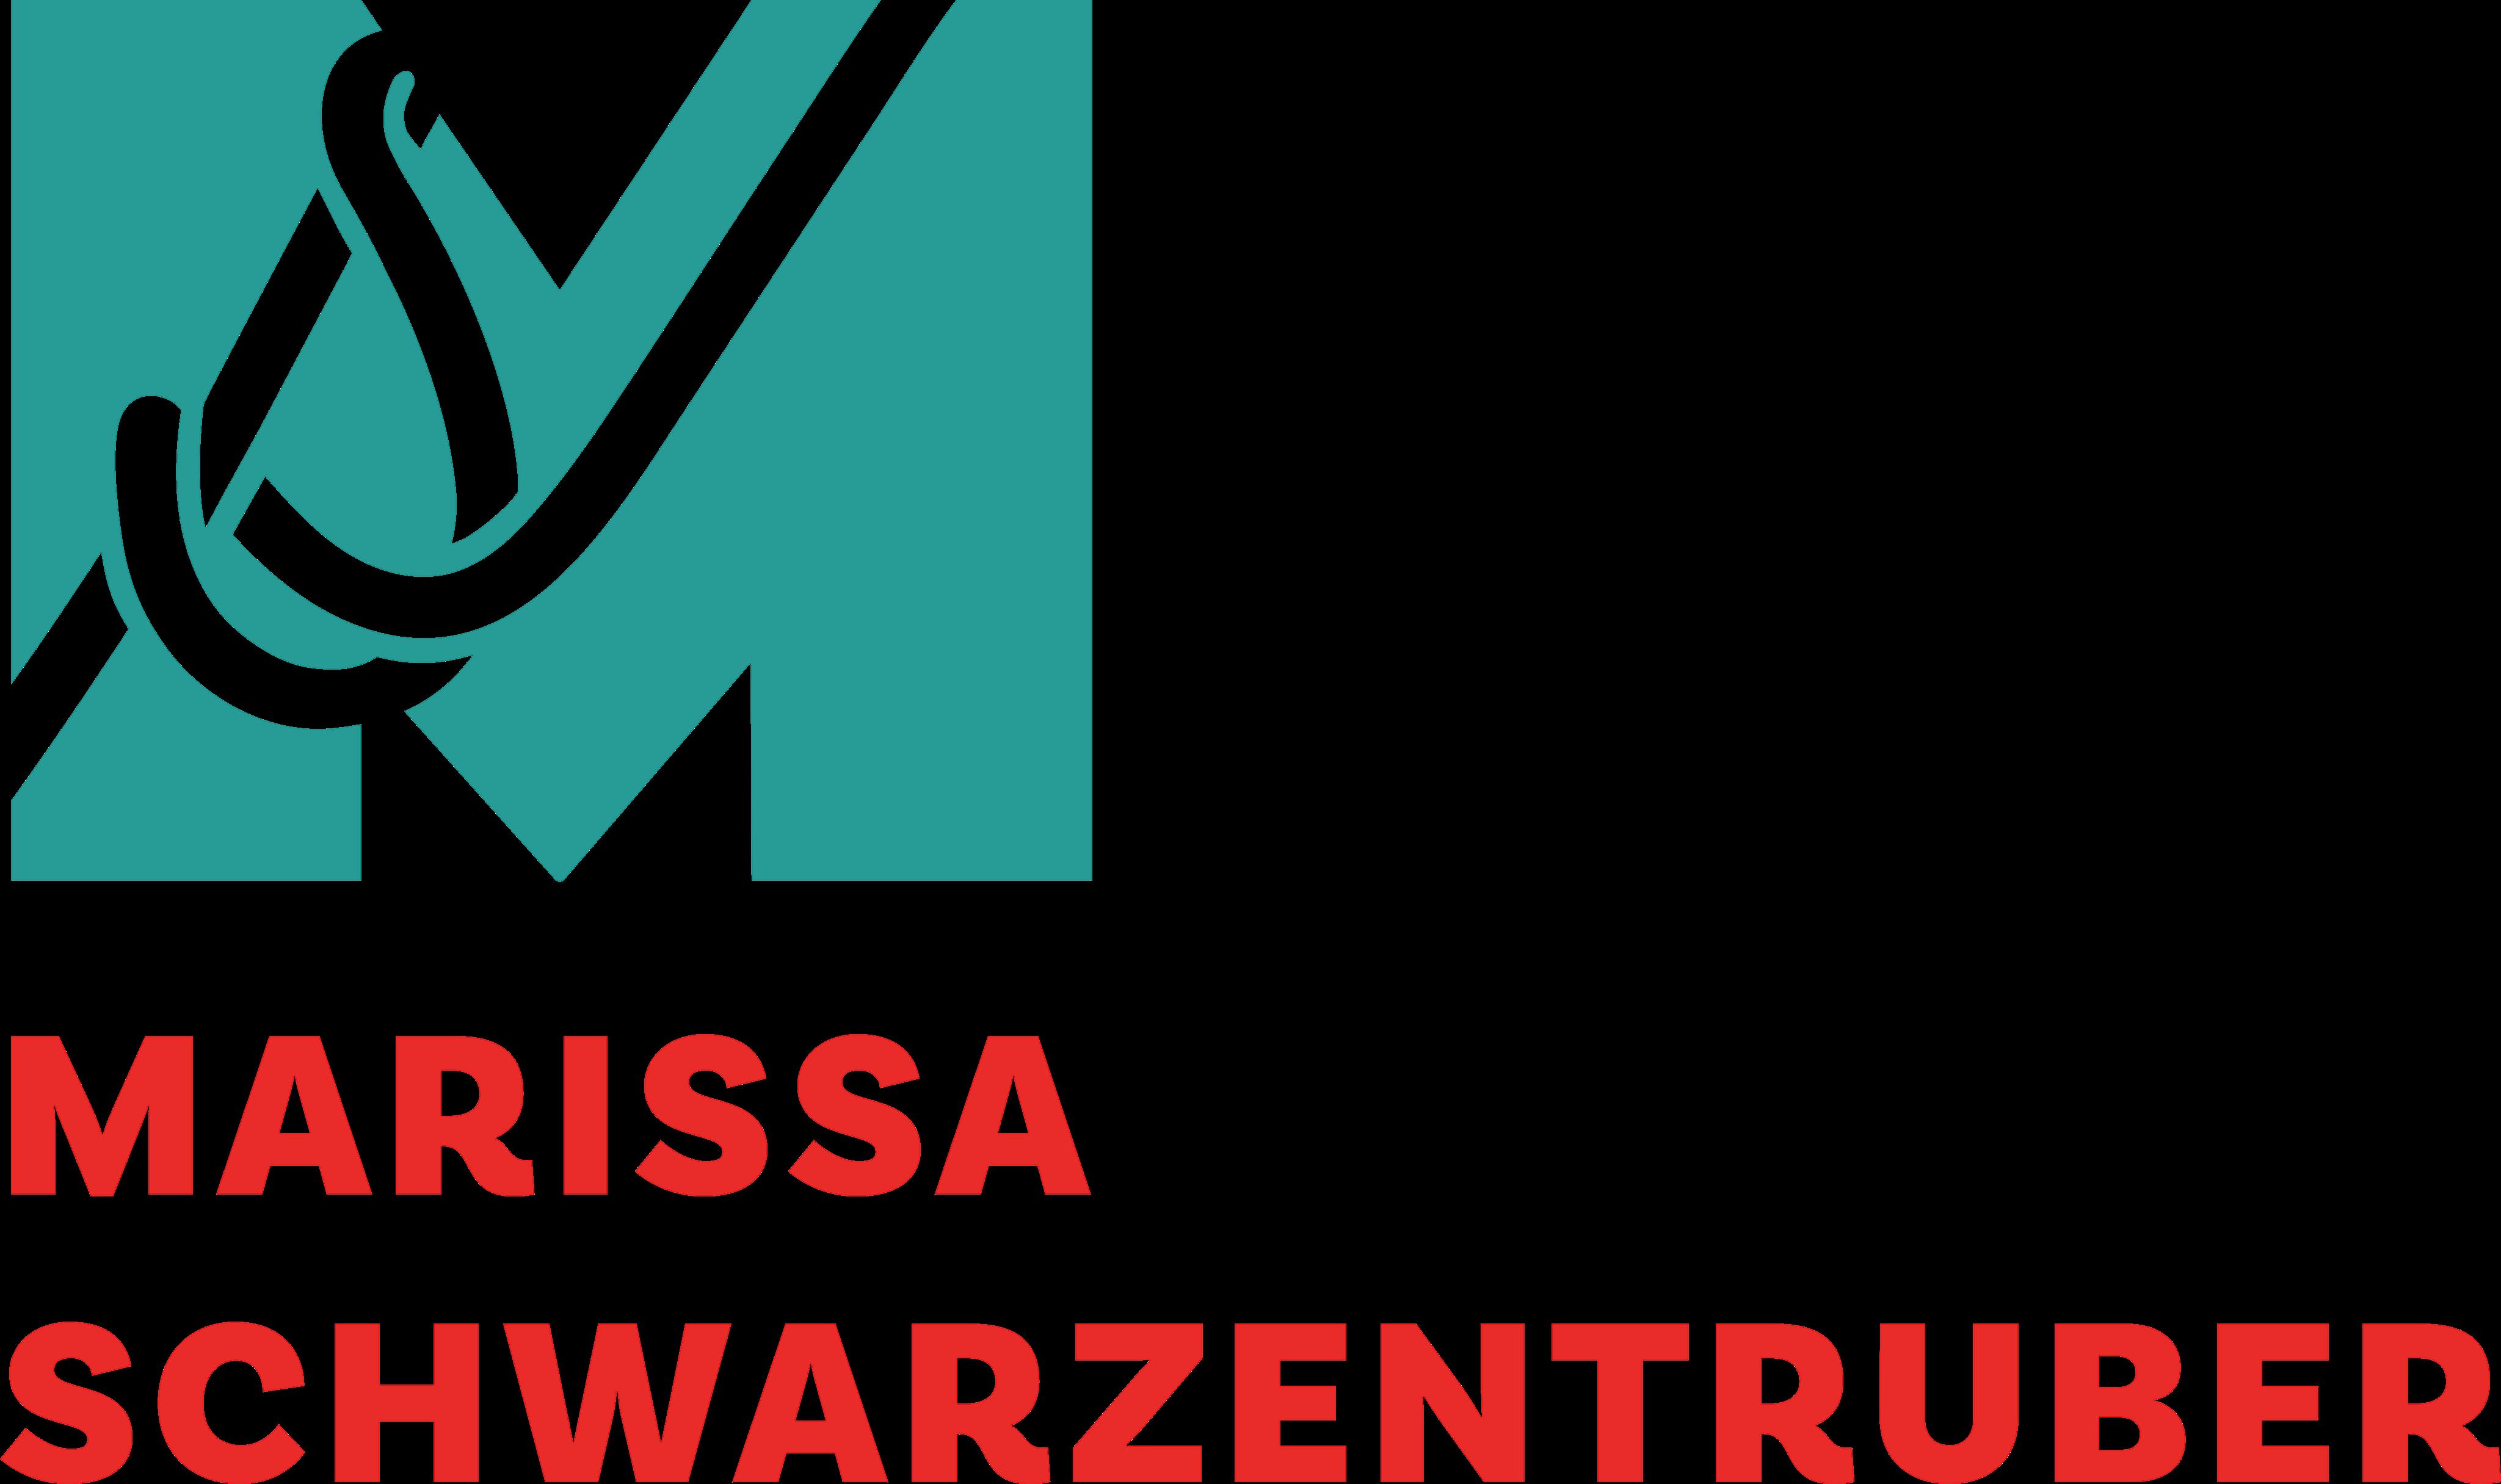 Marissa Schwarzentruber